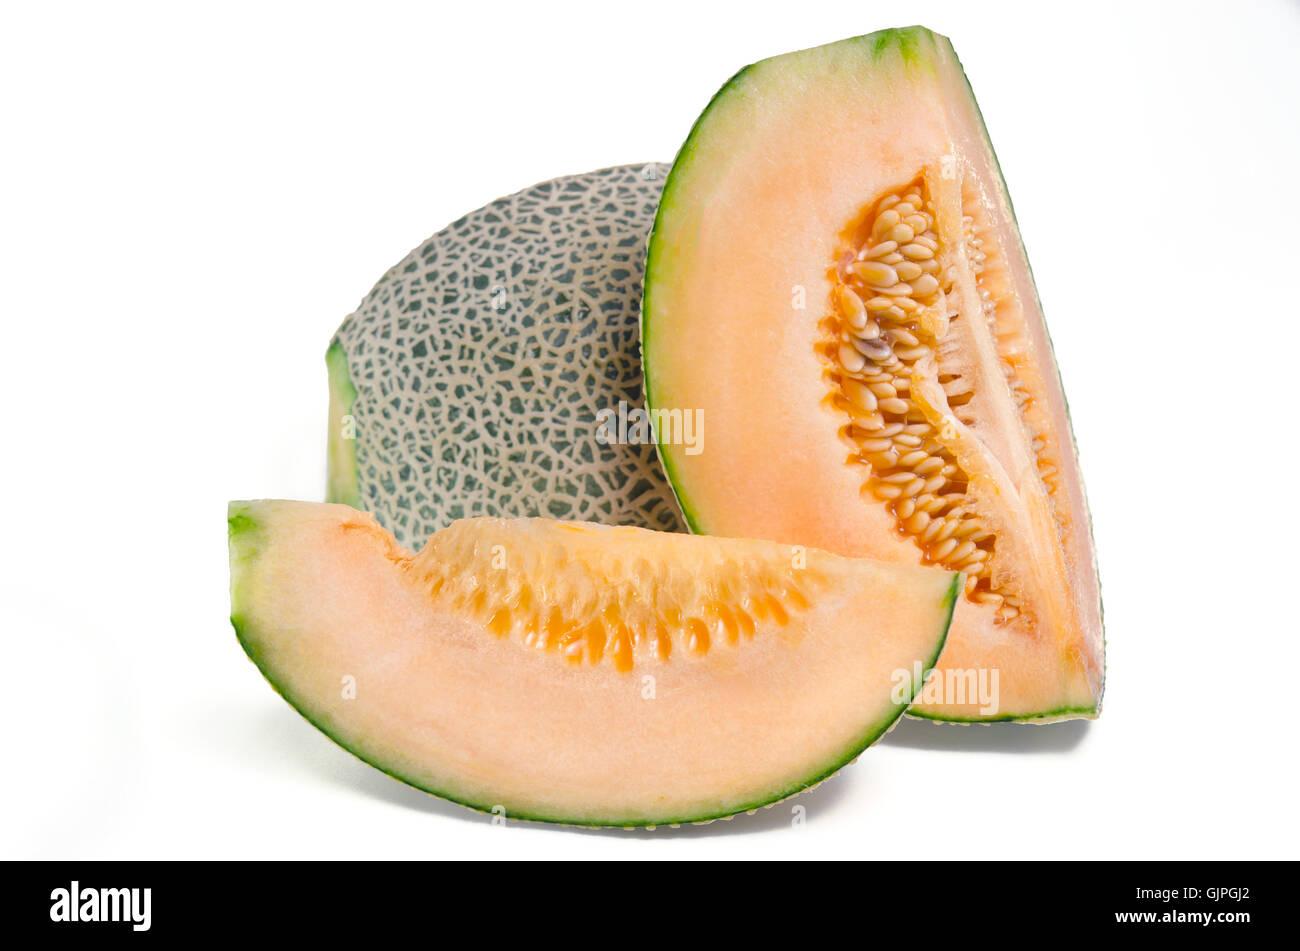 Cucumis melo o melón con la mitad y semillas en blanco (Otros nombres son cantelope, cantaloup, honeydew, Crenshaw, Imagen De Stock